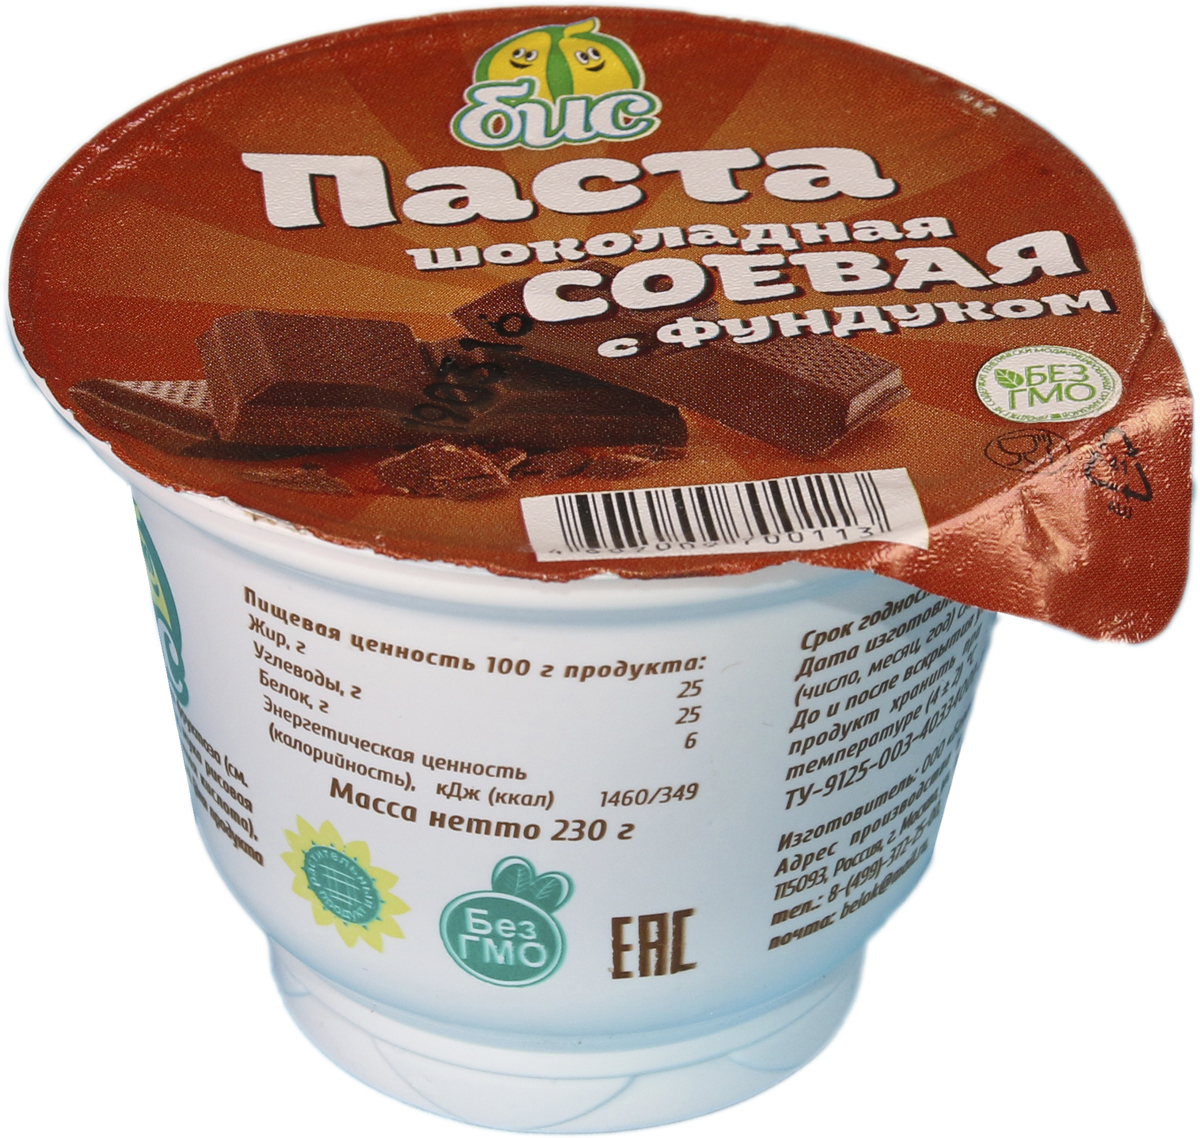 Боб и Соя Шоколадная паста соевая с фундуком 25%, 230 г боб и соя крем соевый сметанный 10